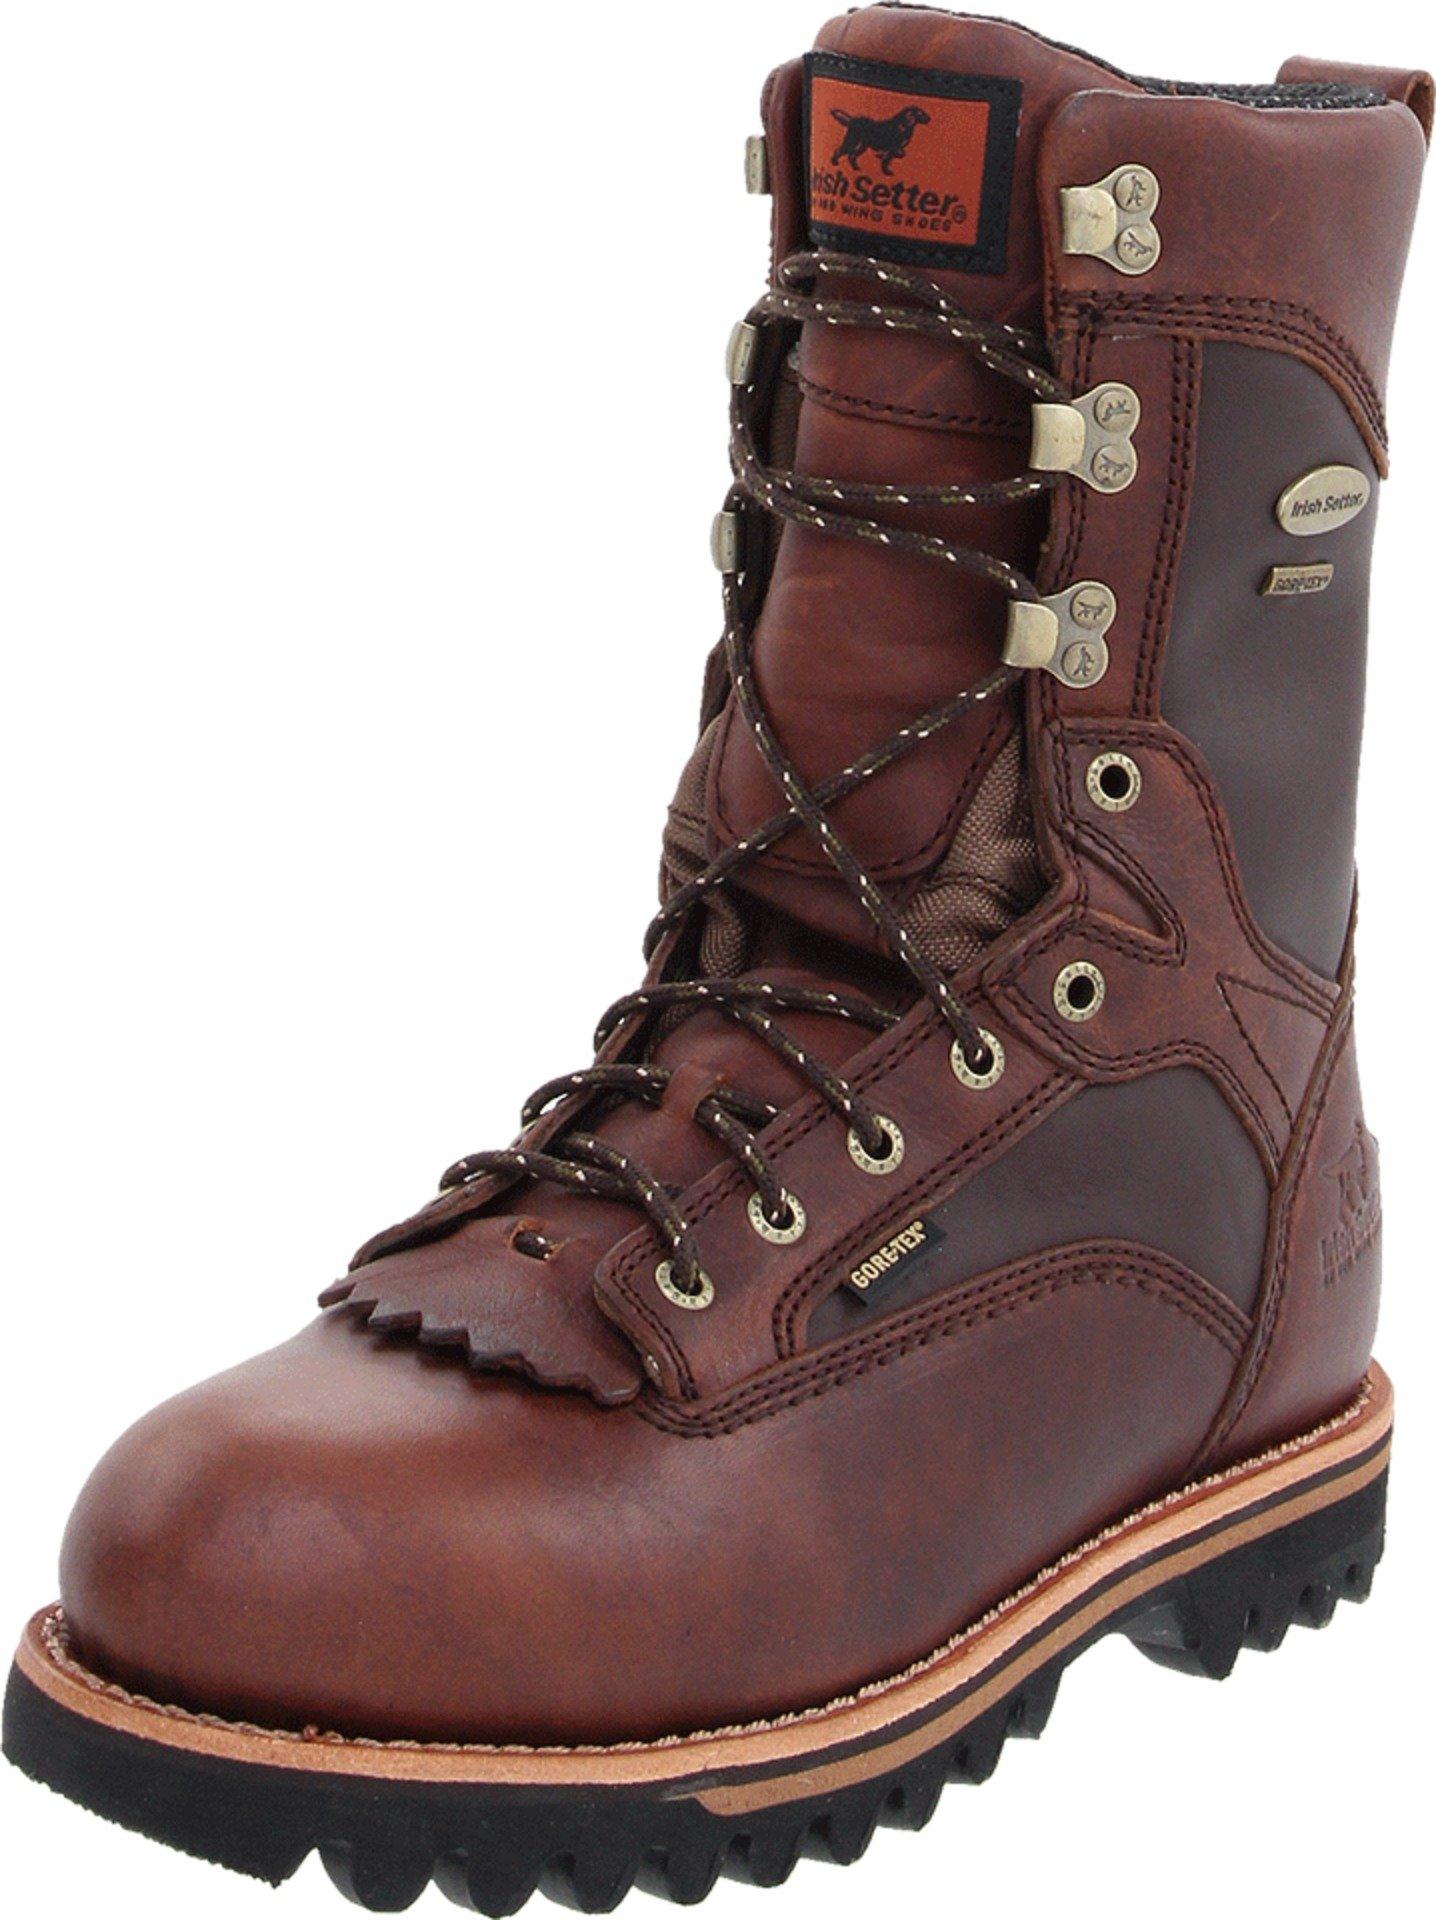 Irish Setter Men's 882 Elk Tracker Waterproof 600 Gram 12'' Big Game Hunting Boot,Brown,9 D US